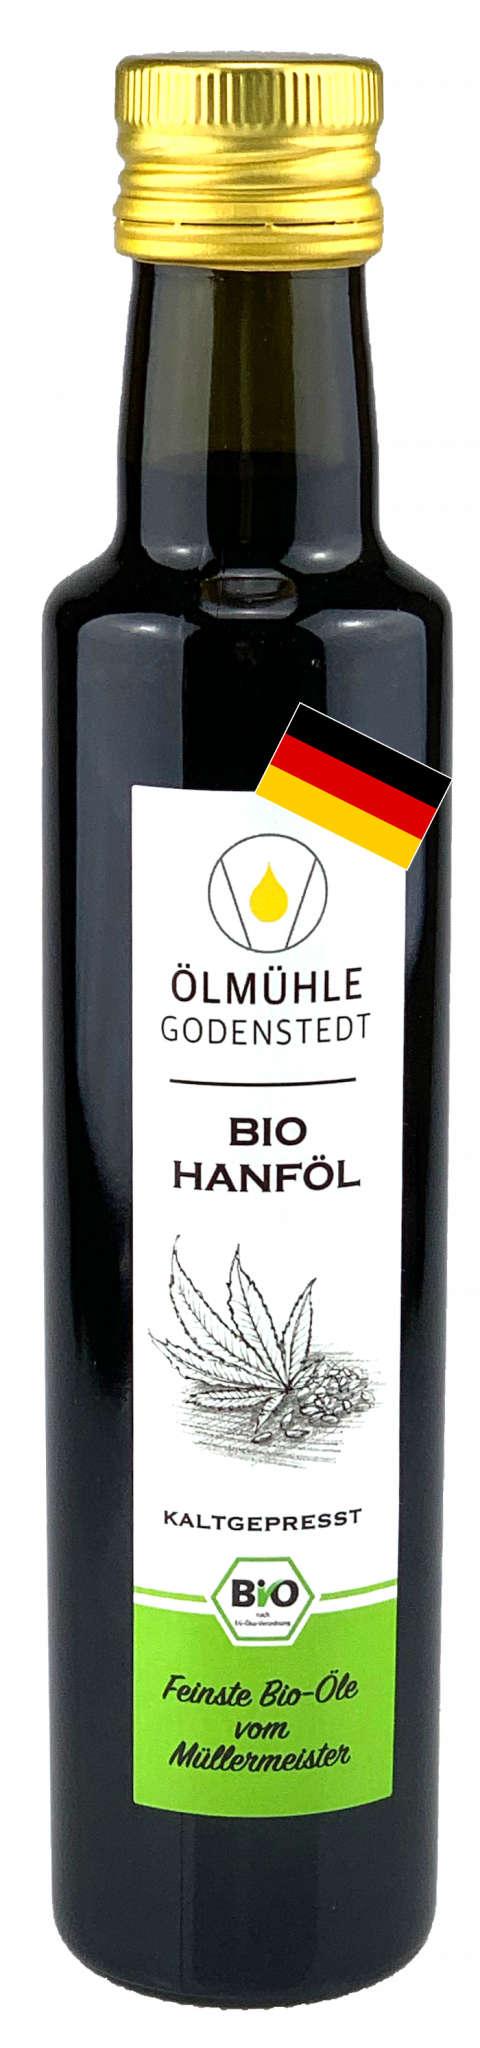 Bio Hanföl kaltgepresst aus deutscher Bio Hanfsaat in einer grünen, runden Flasche